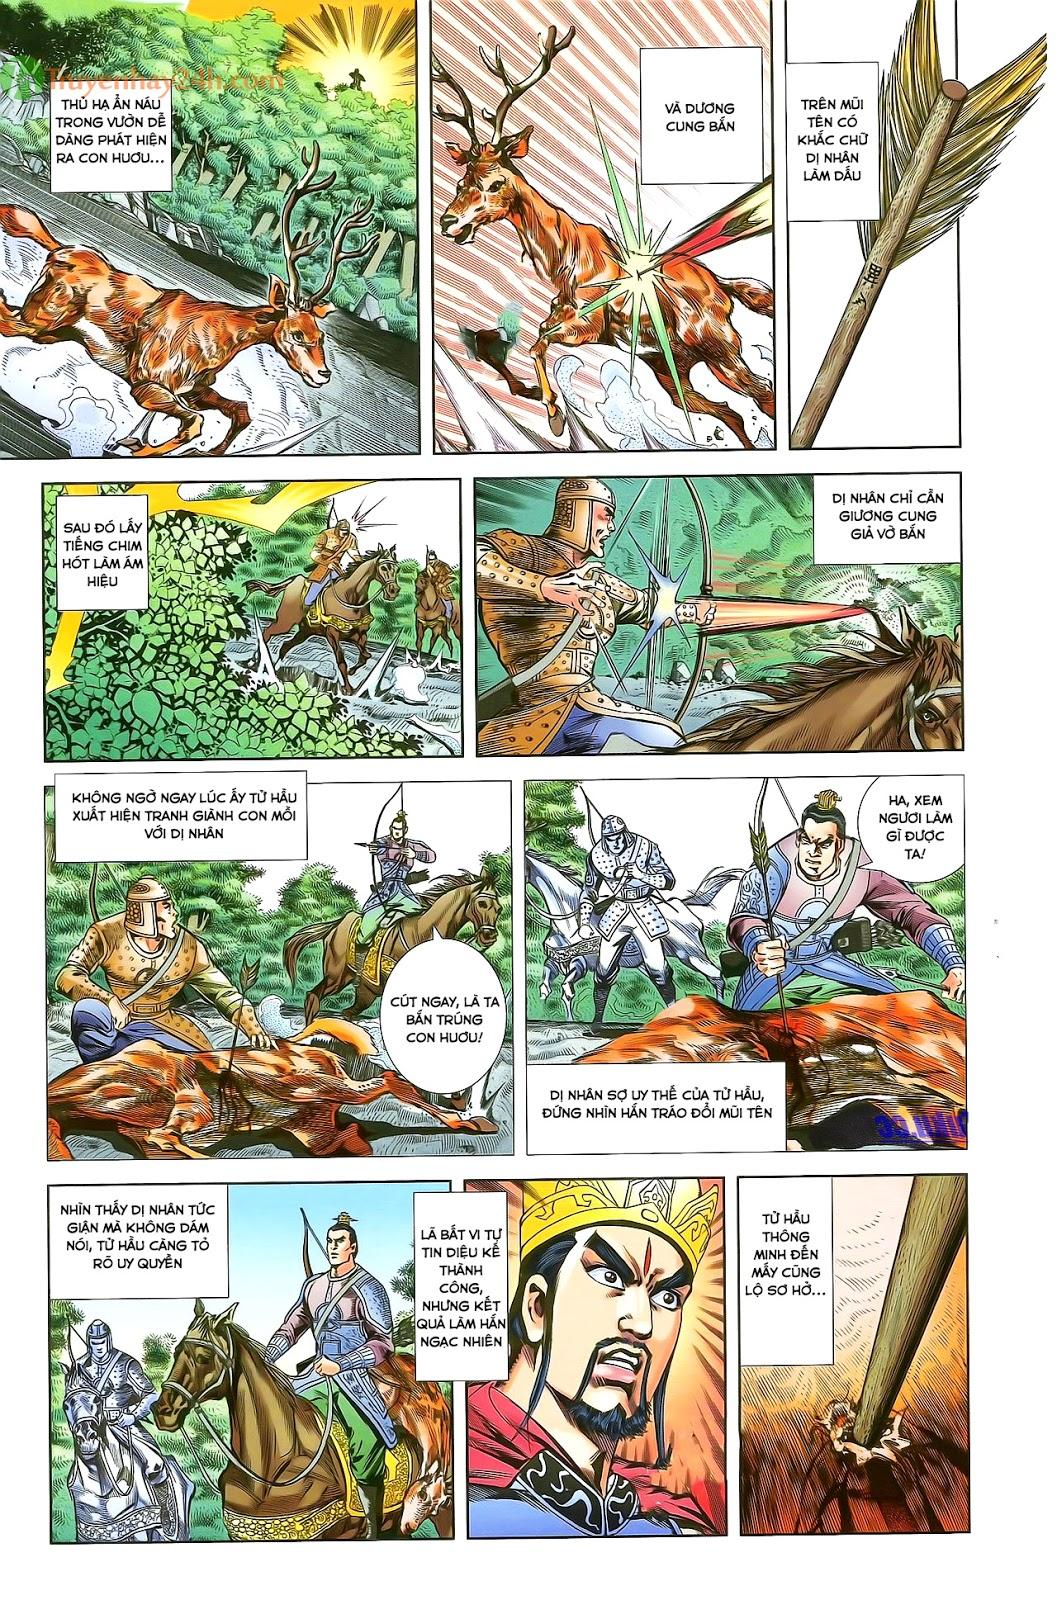 Tần Vương Doanh Chính chapter 28 trang 24